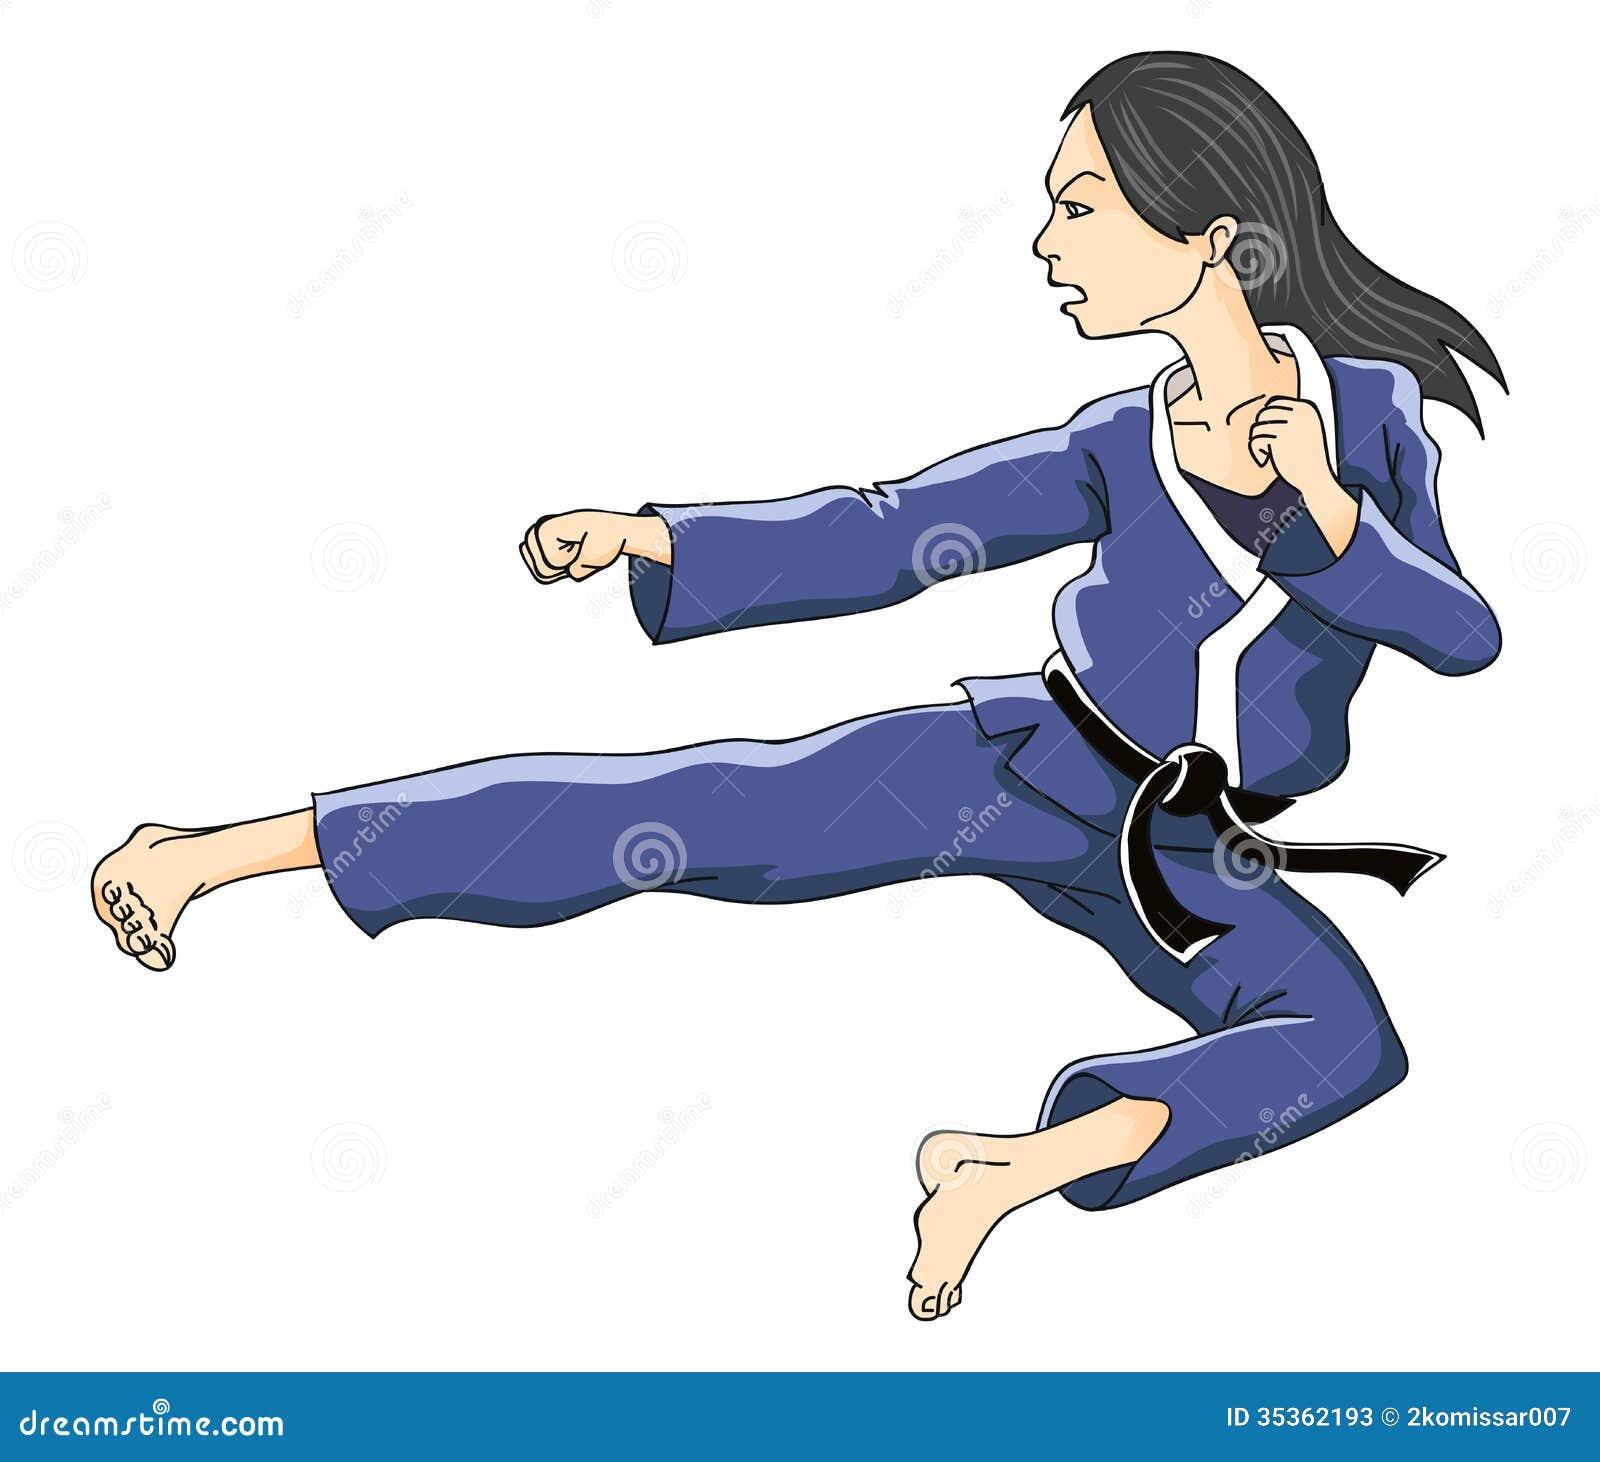 Karate Girl Stock Photos - Image: 35362193